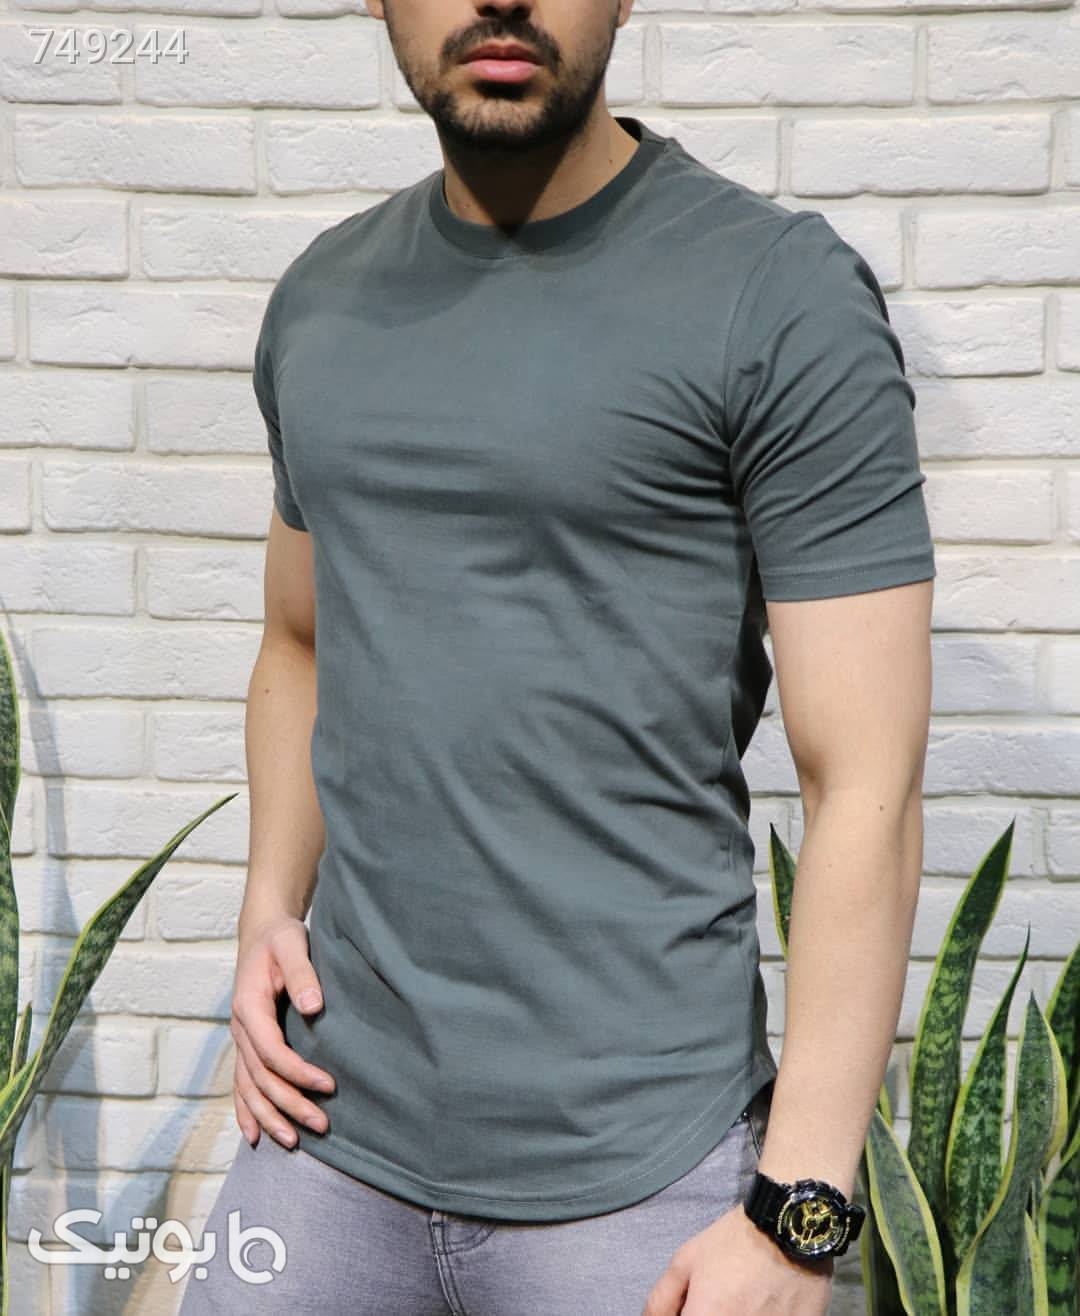 تیشرت ساده مردانه سبز تی شرت و پولو شرت مردانه